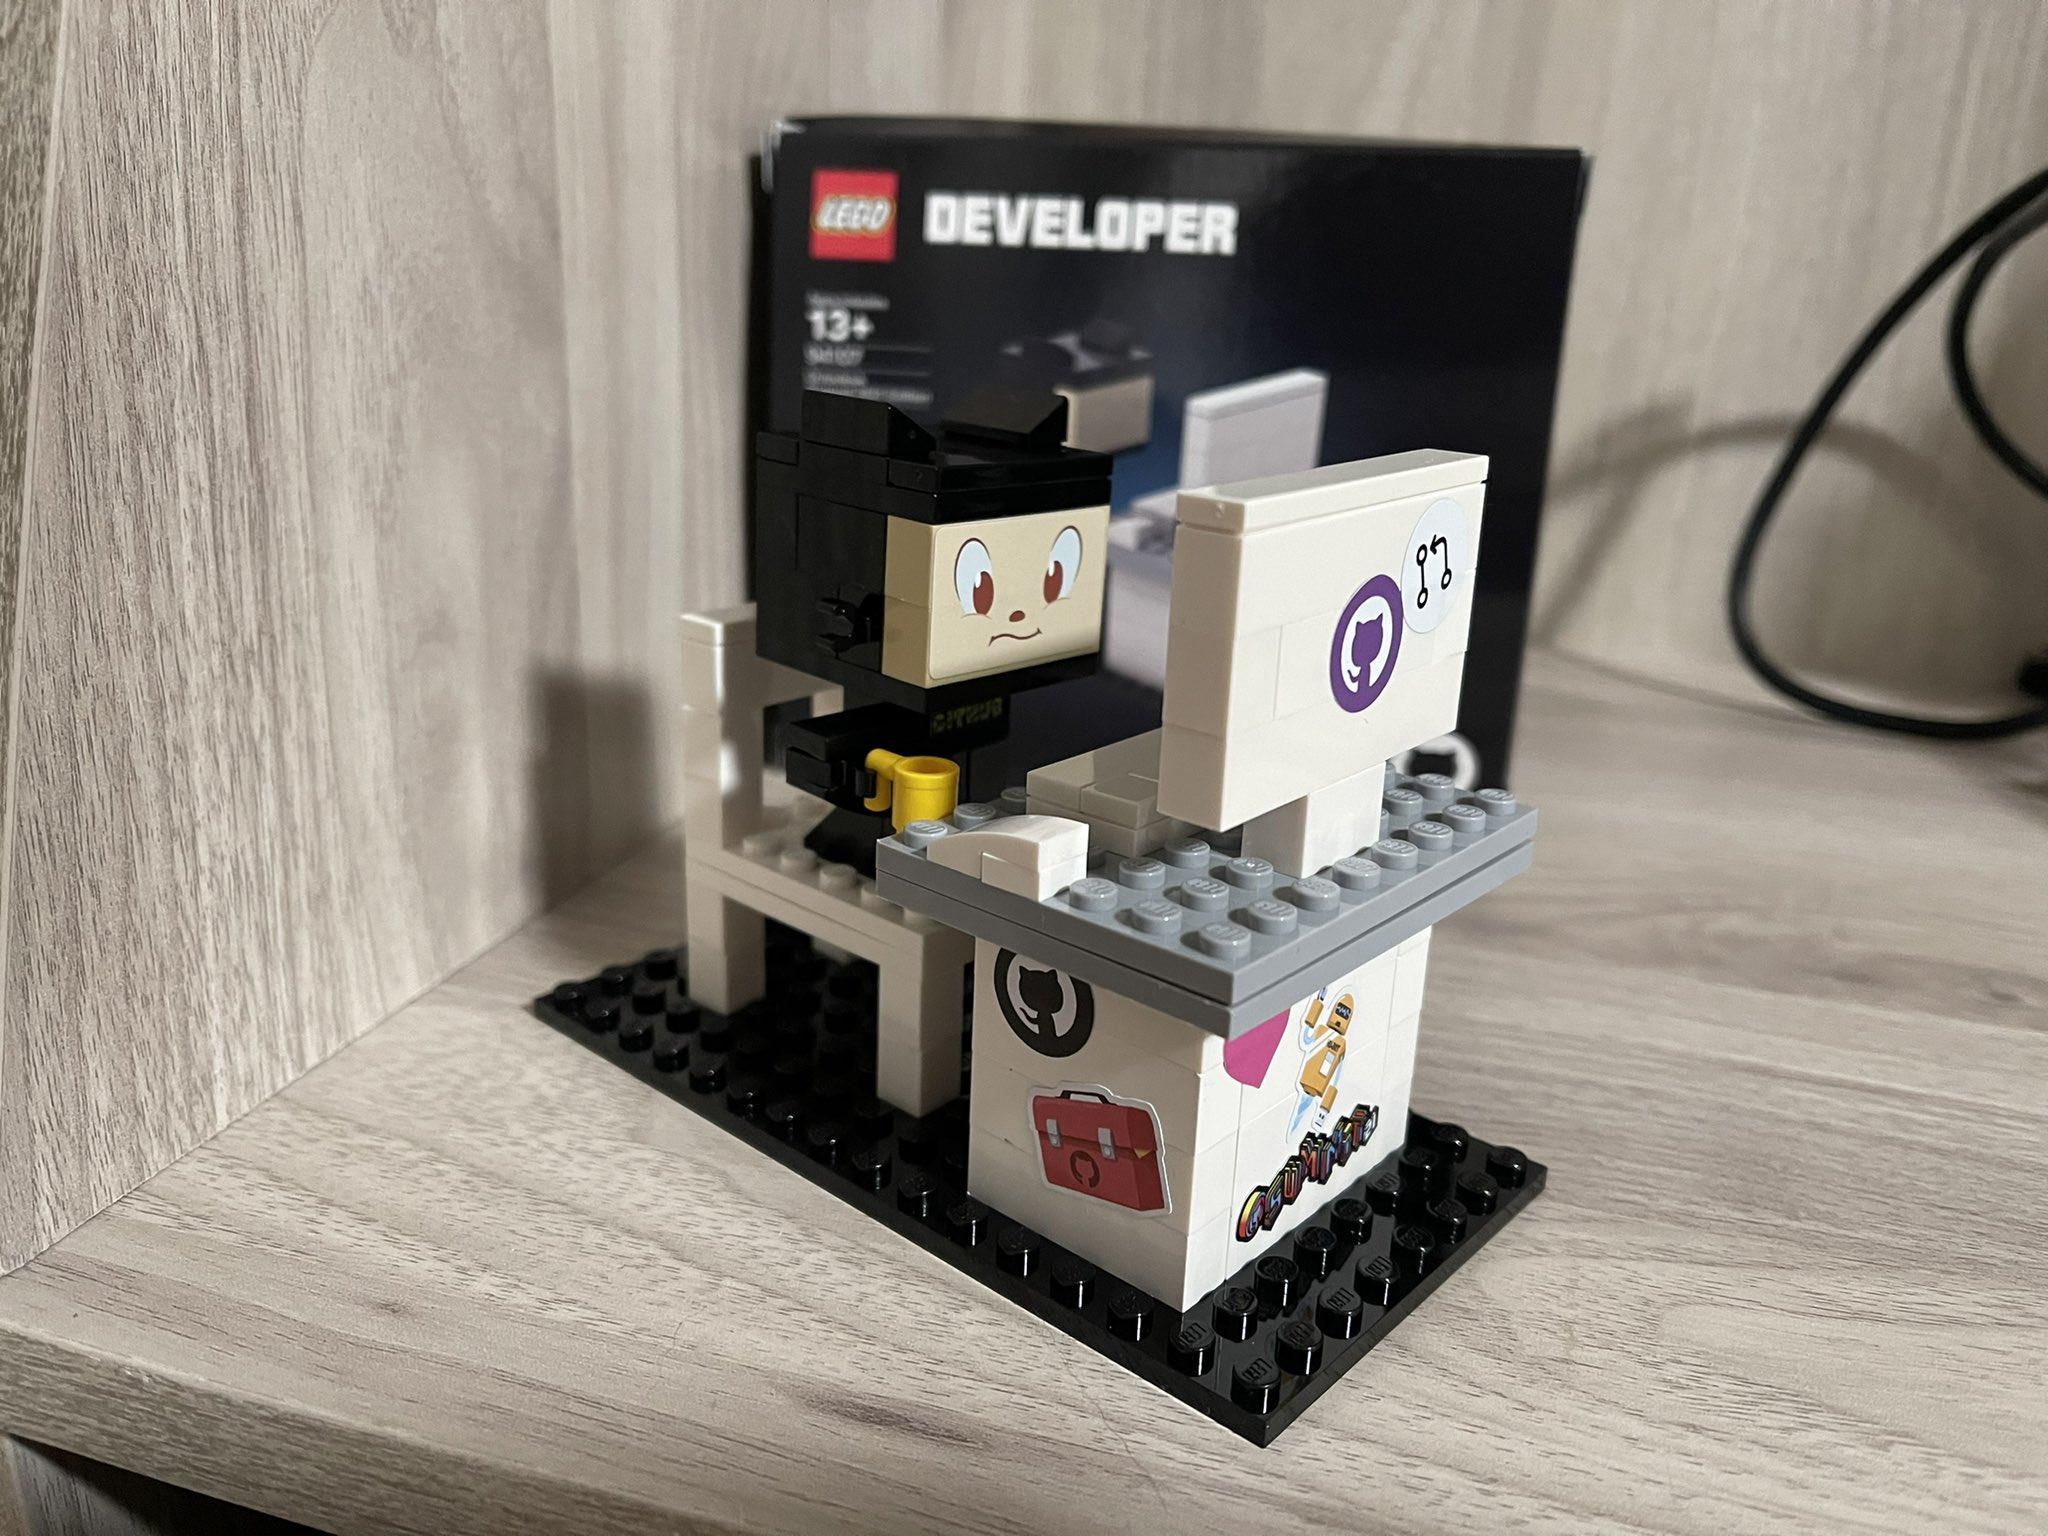 Собранный набор Lego Developer_3